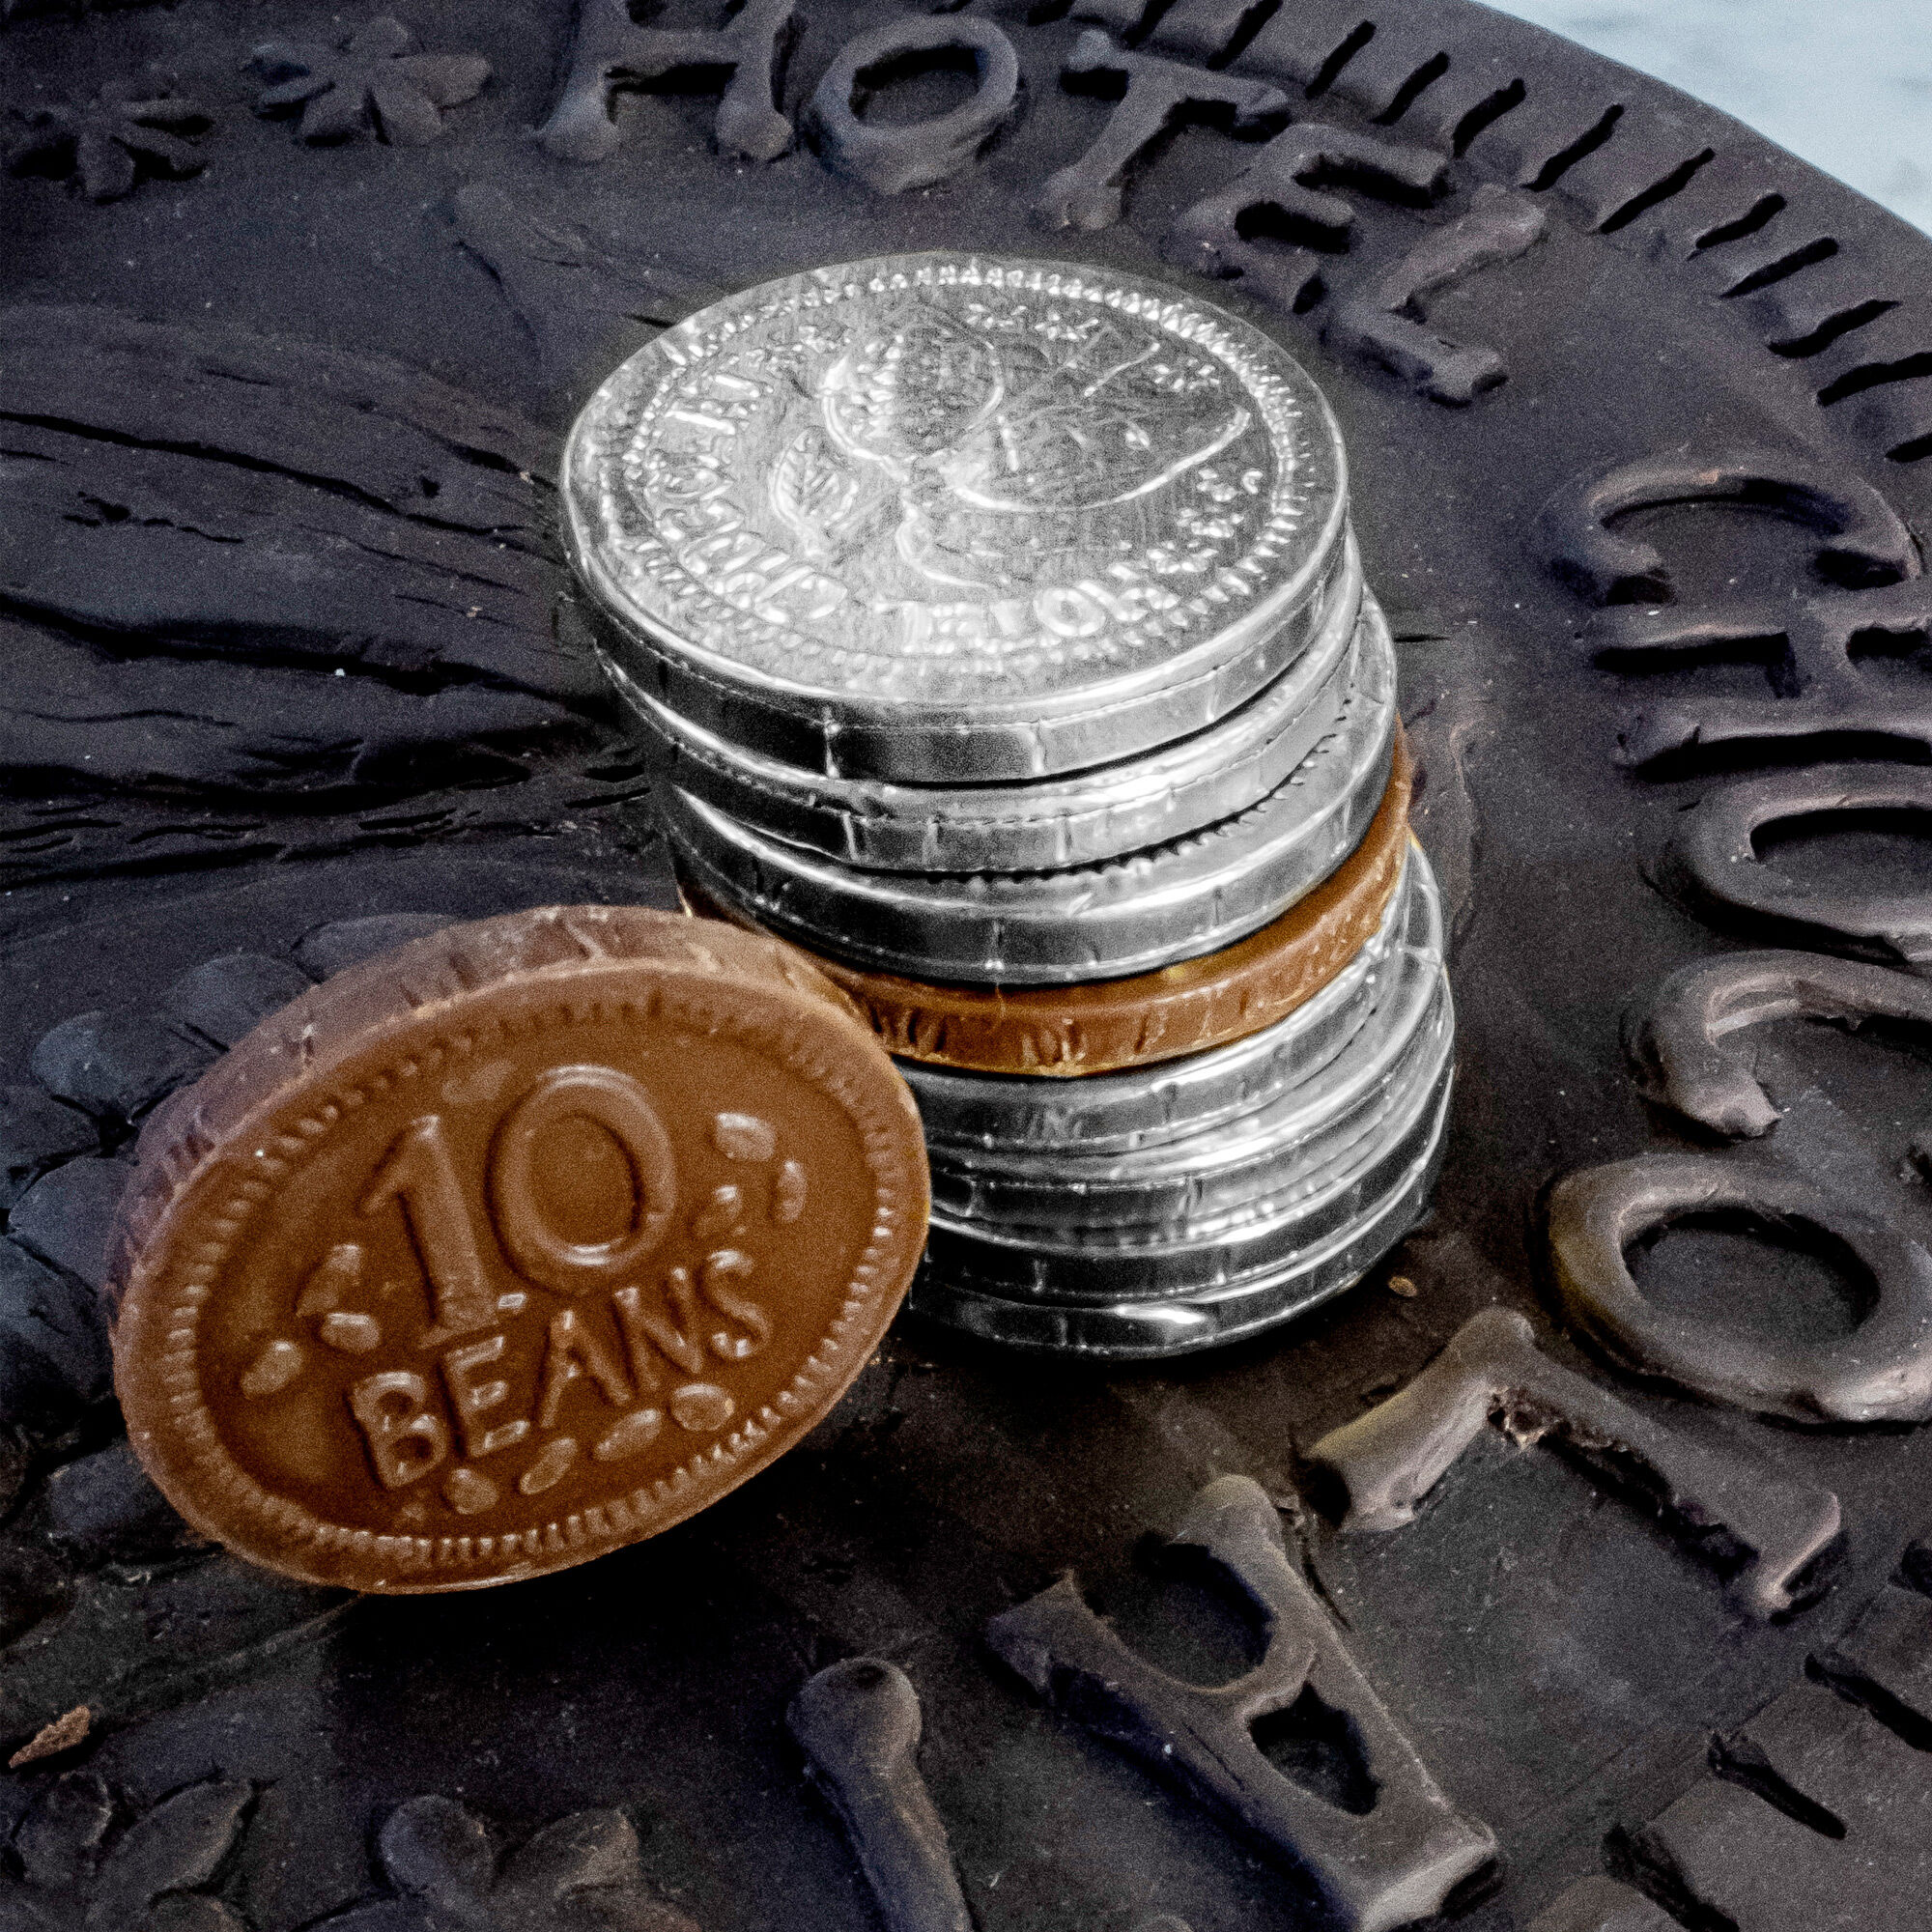 HTML Coin description